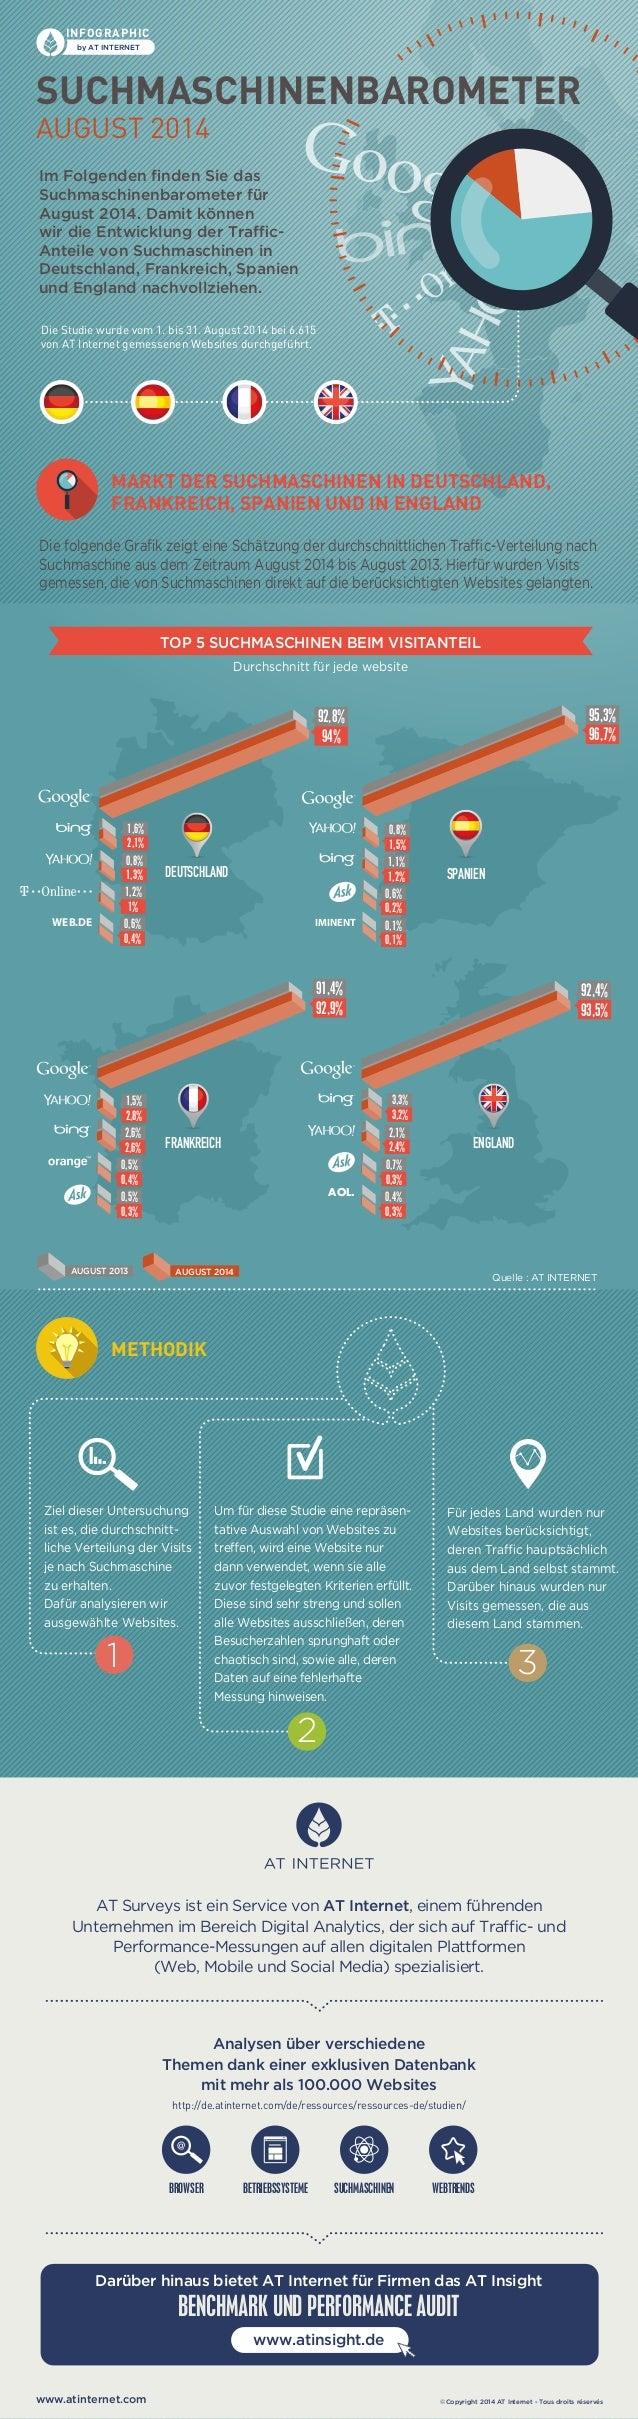 INFOGRAPHIC  by AT INTERNET  SUCHMASCHINENBAROMETER  AUGUST 2014  Im Folgenden finden Sie das  Suchmaschinenbarometer für ...